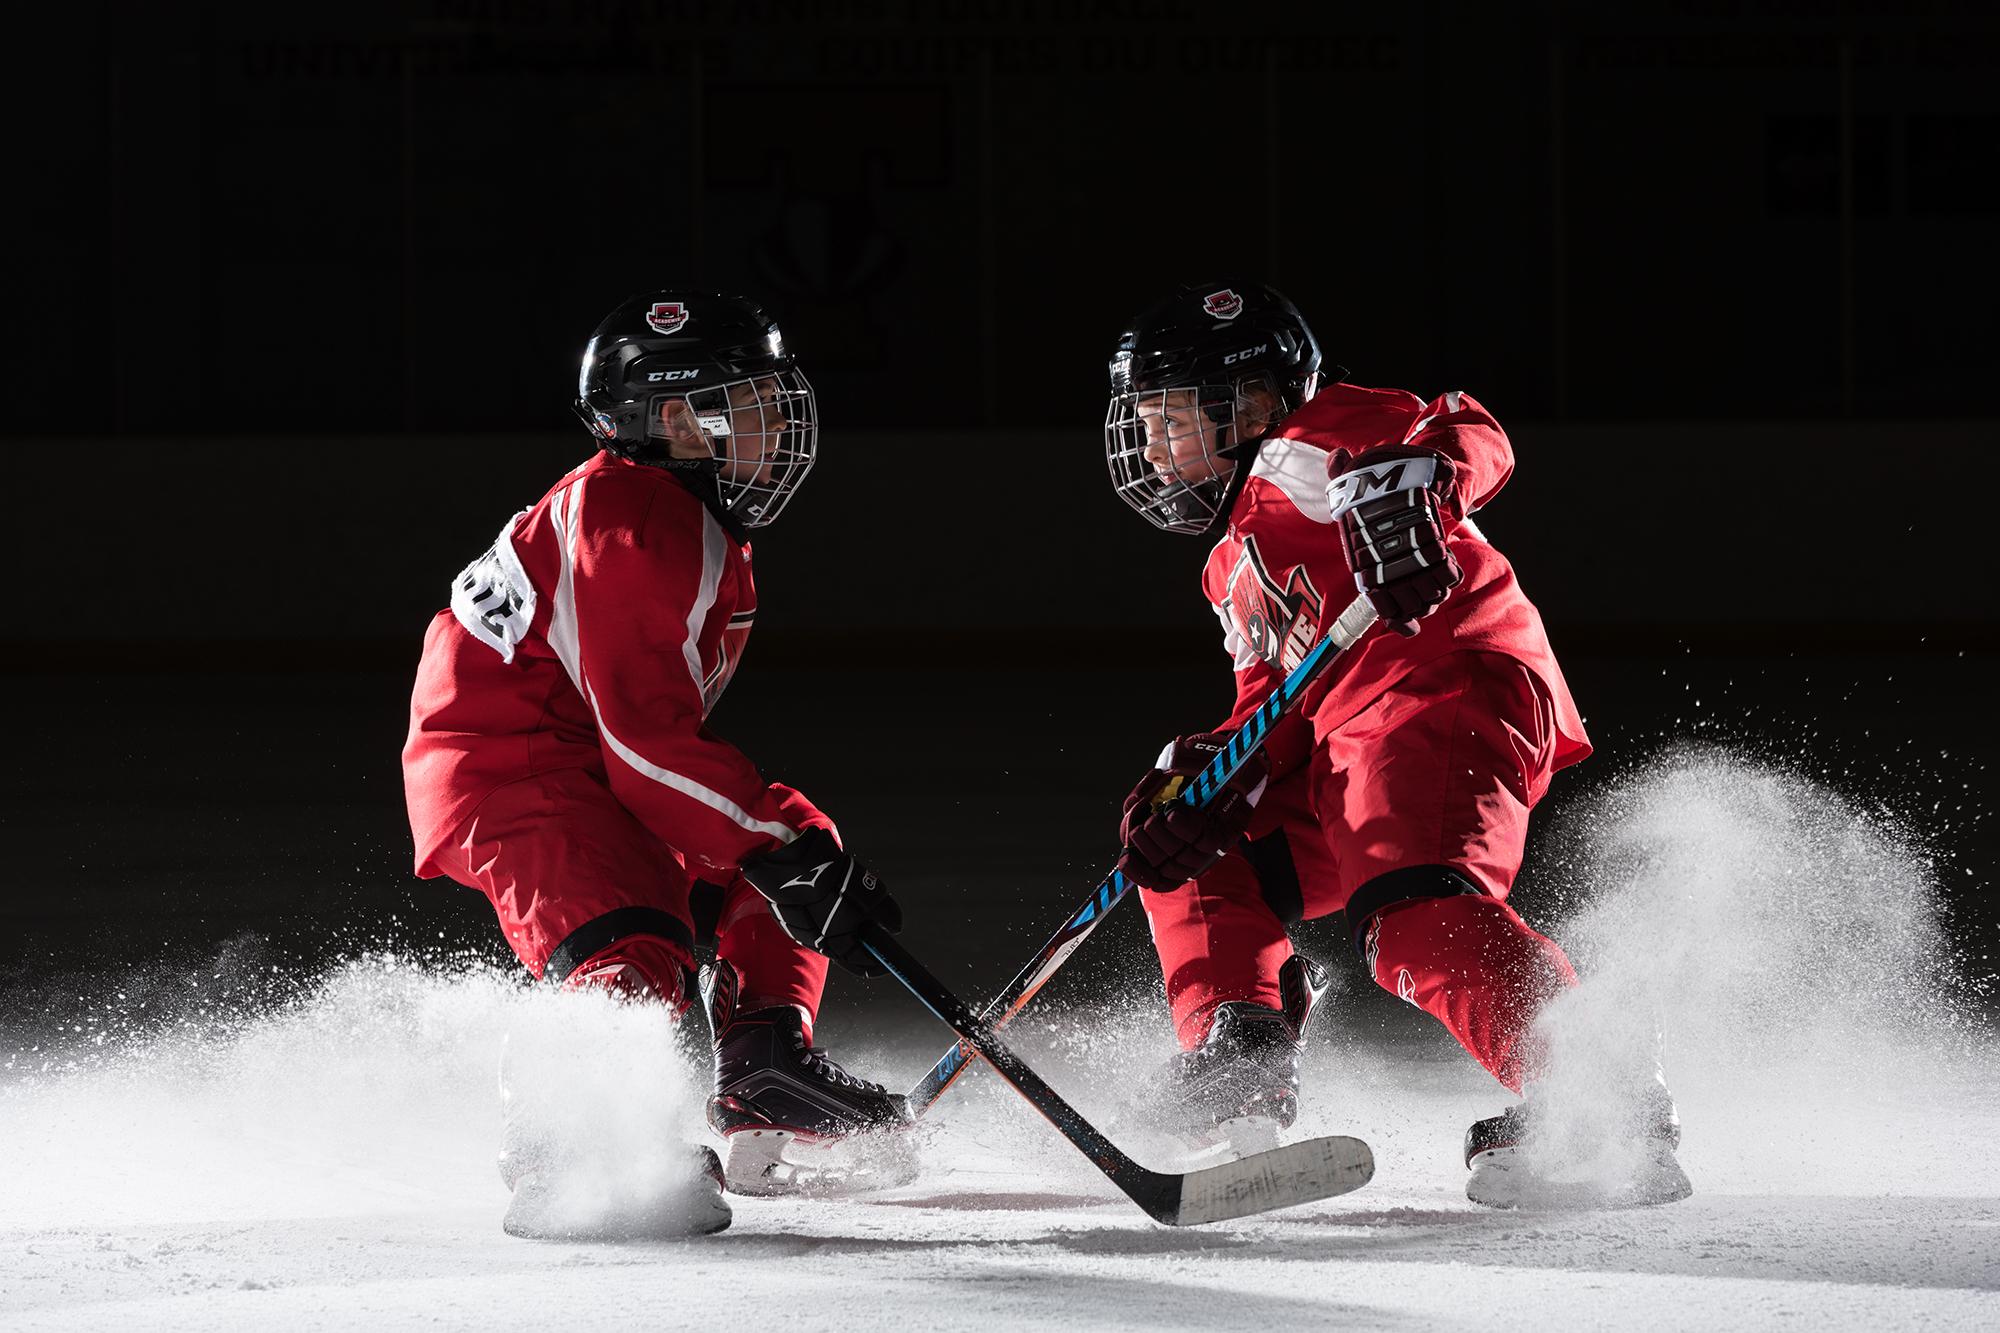 petits hockeyeurs qui freinent brusquement sur la patinoire